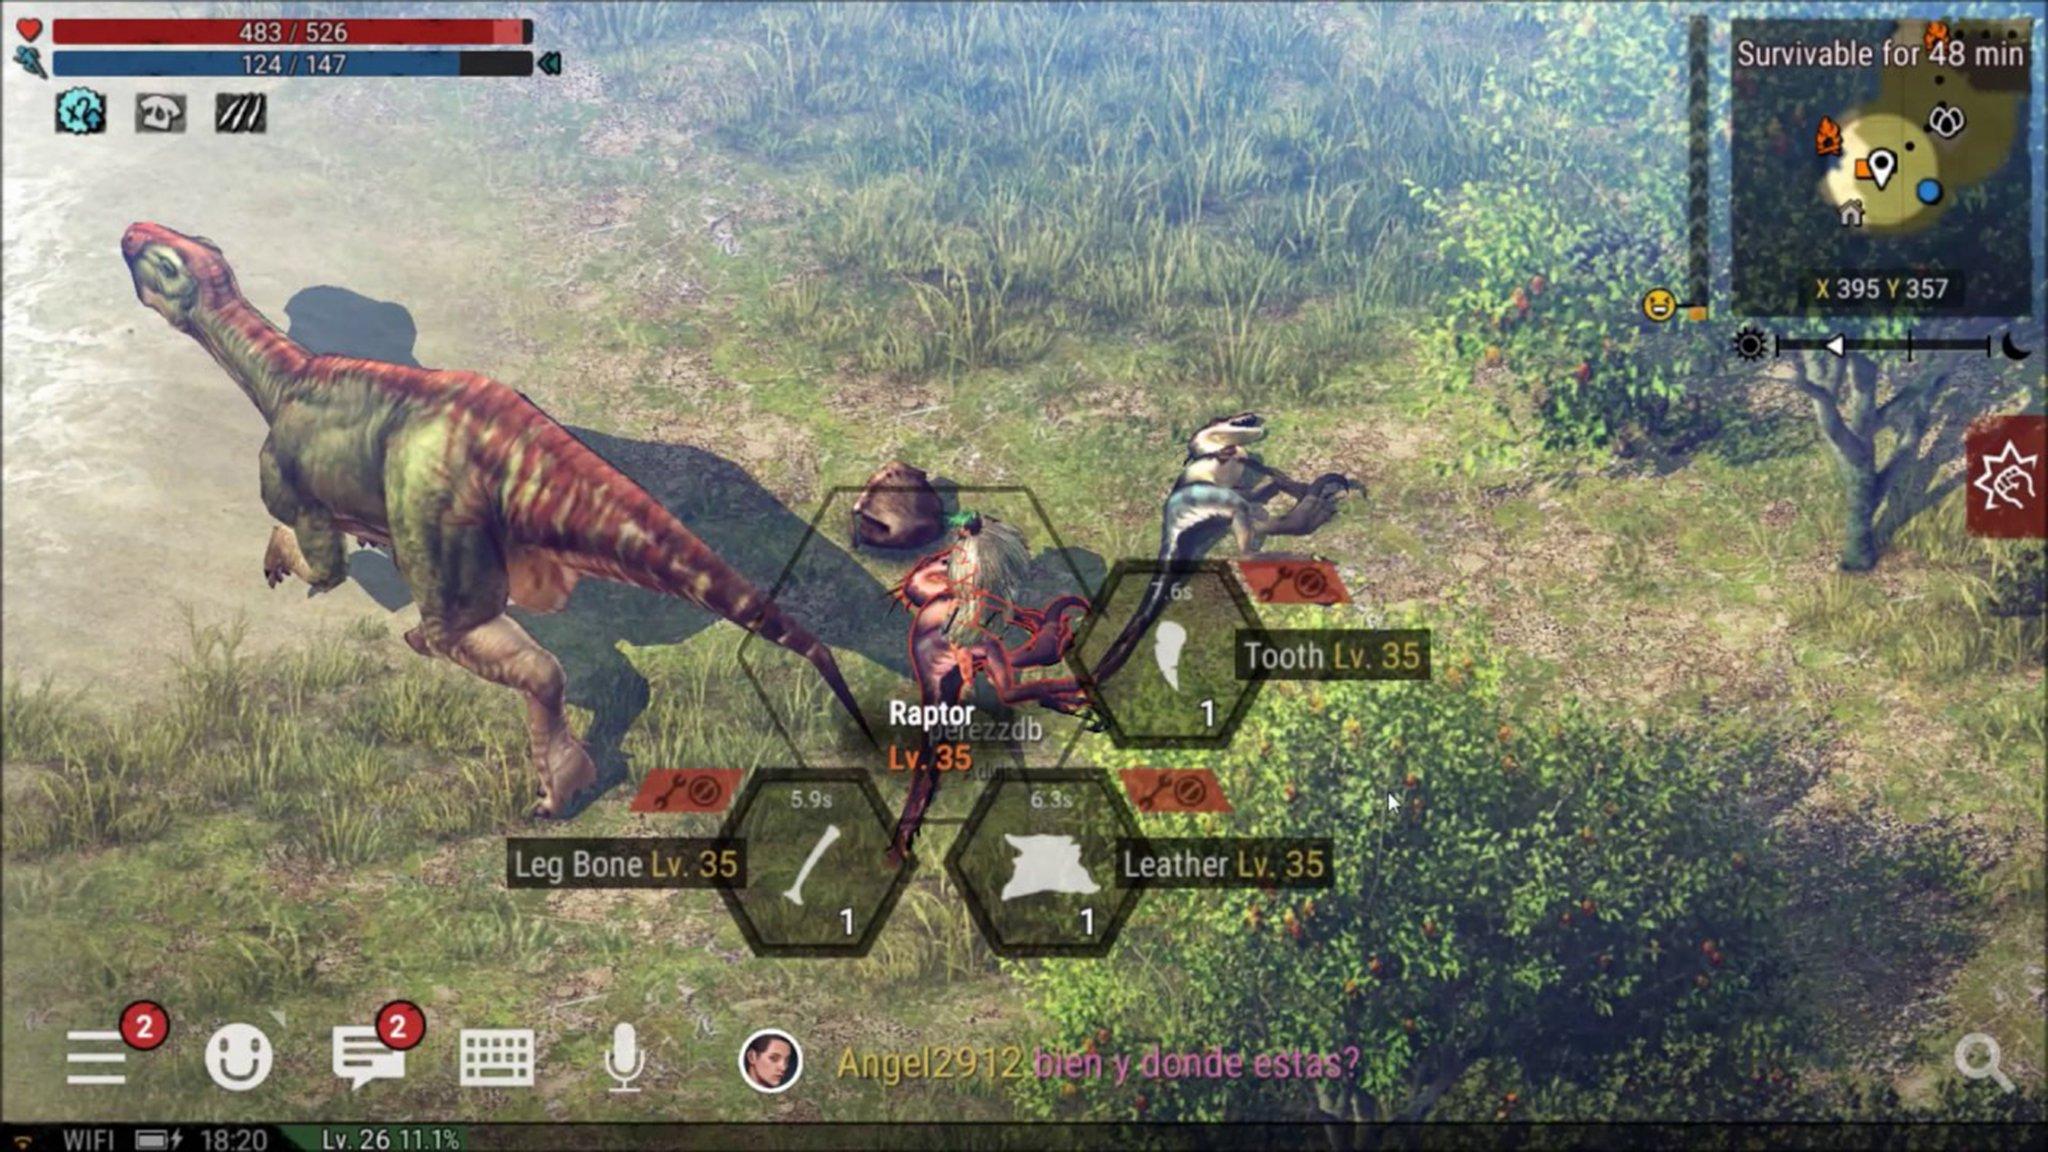 Tong_hop_game_mobile_thang_5_4.jpg